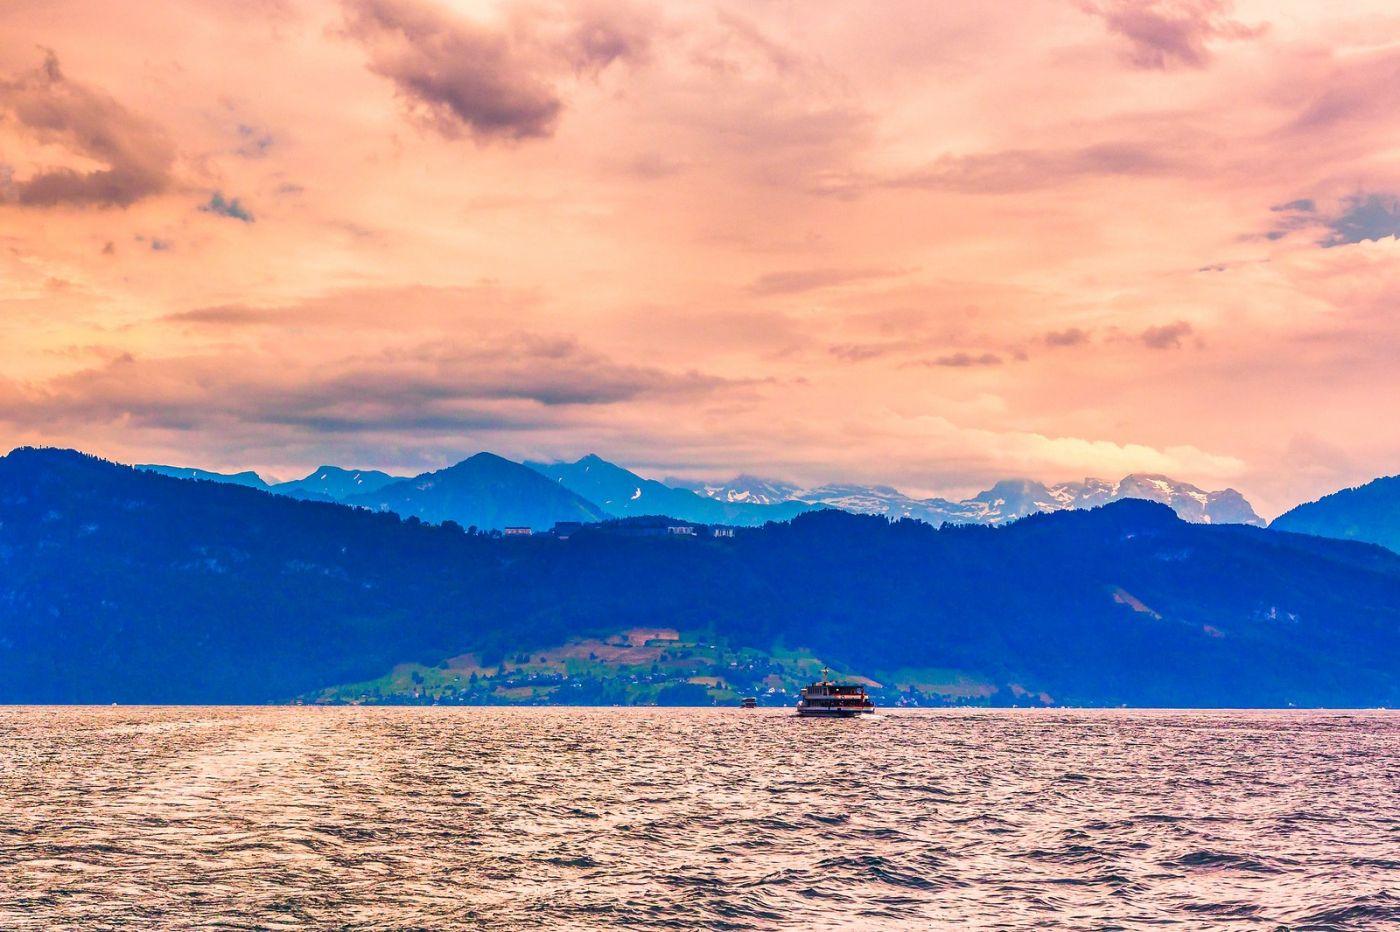 瑞士卢塞恩(Lucerne),浪漫的晚霞_图1-7